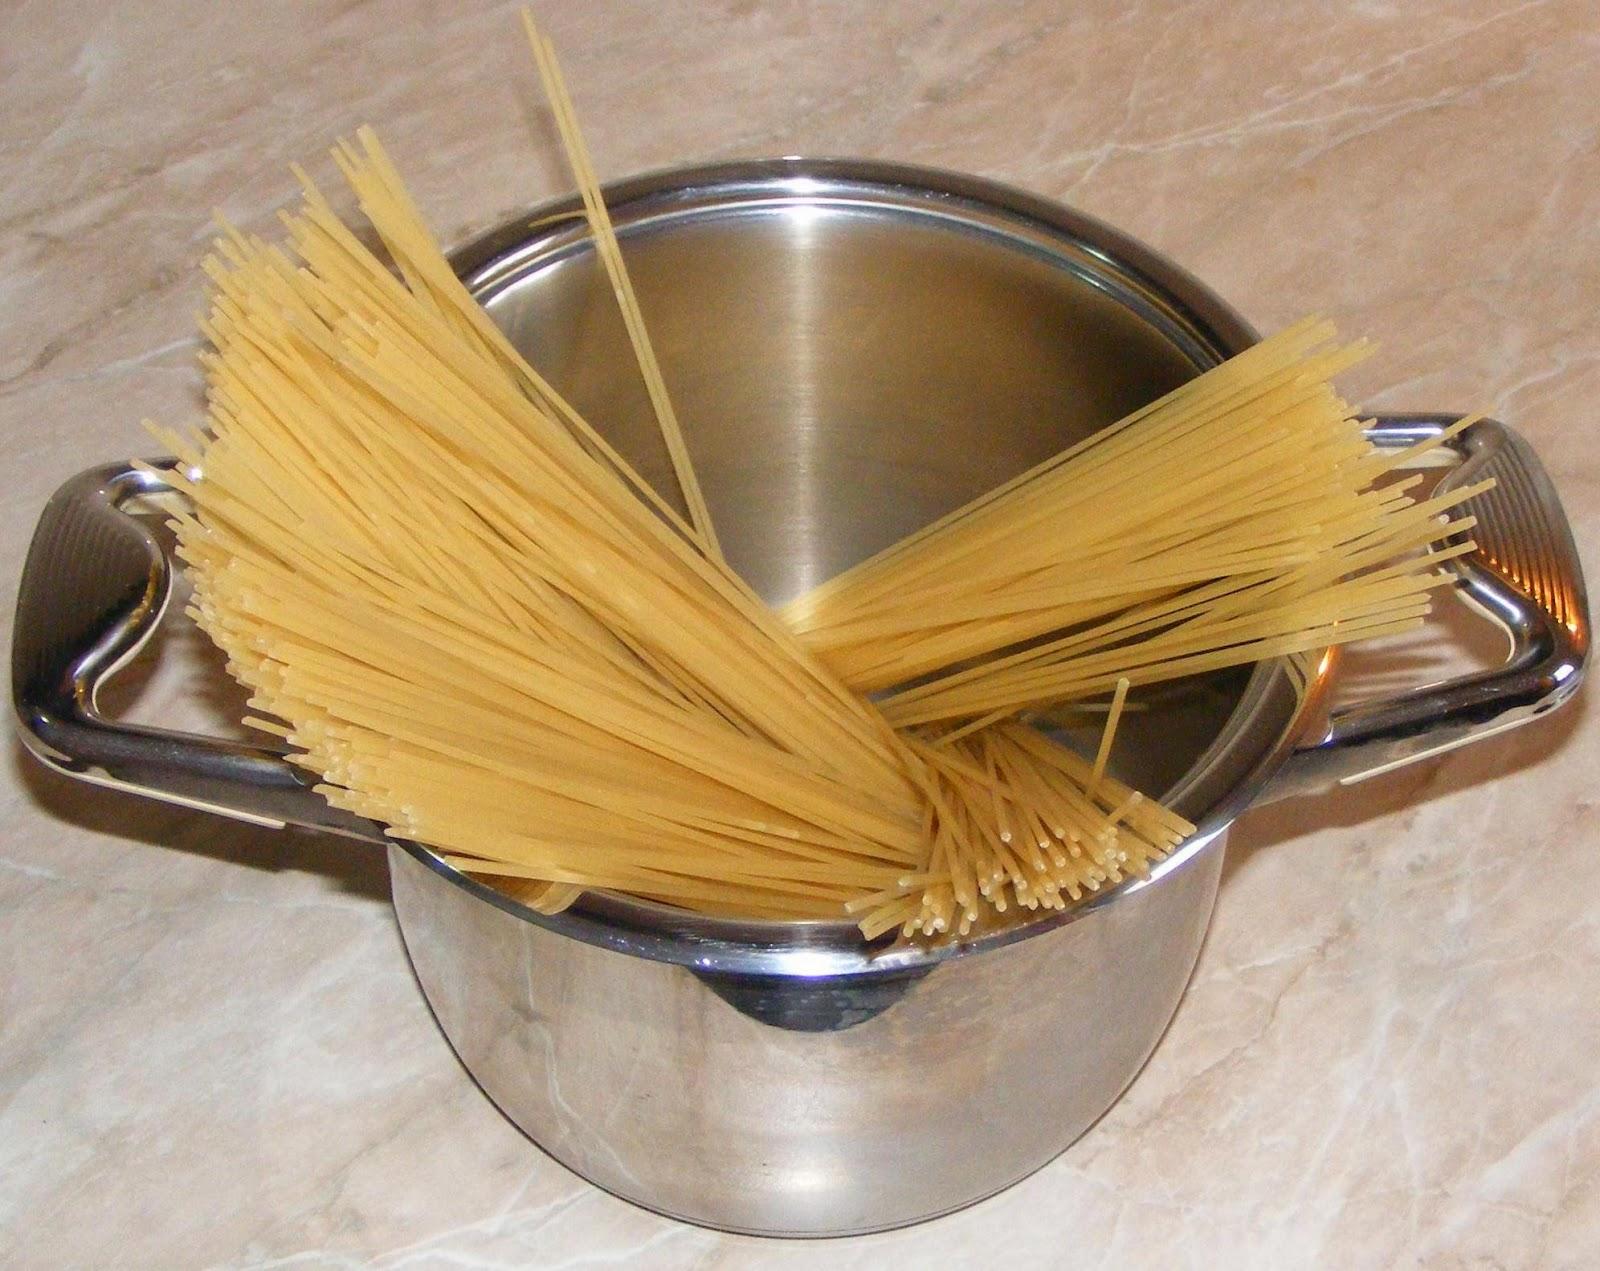 spaghete, retete cu spaghete, reteta cu spaghete, retete si preparate culinare cu spaghete, preparate cu spaghete, retete cu paste, reteta cu paste, spaghete pentru mancaruri cu sos,